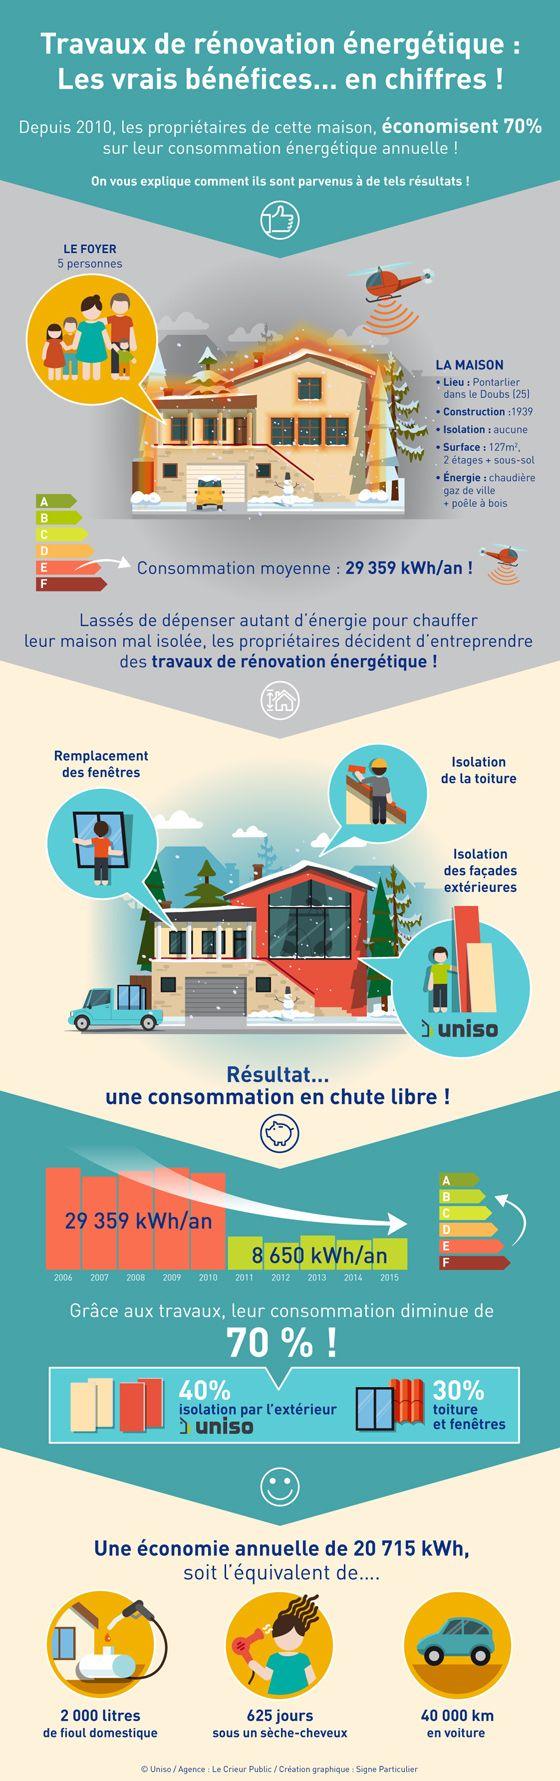 Découvrez les vrais bénéfices de la rénovation énergétique.... en chiffres ! Une infographie créée par Uniso.